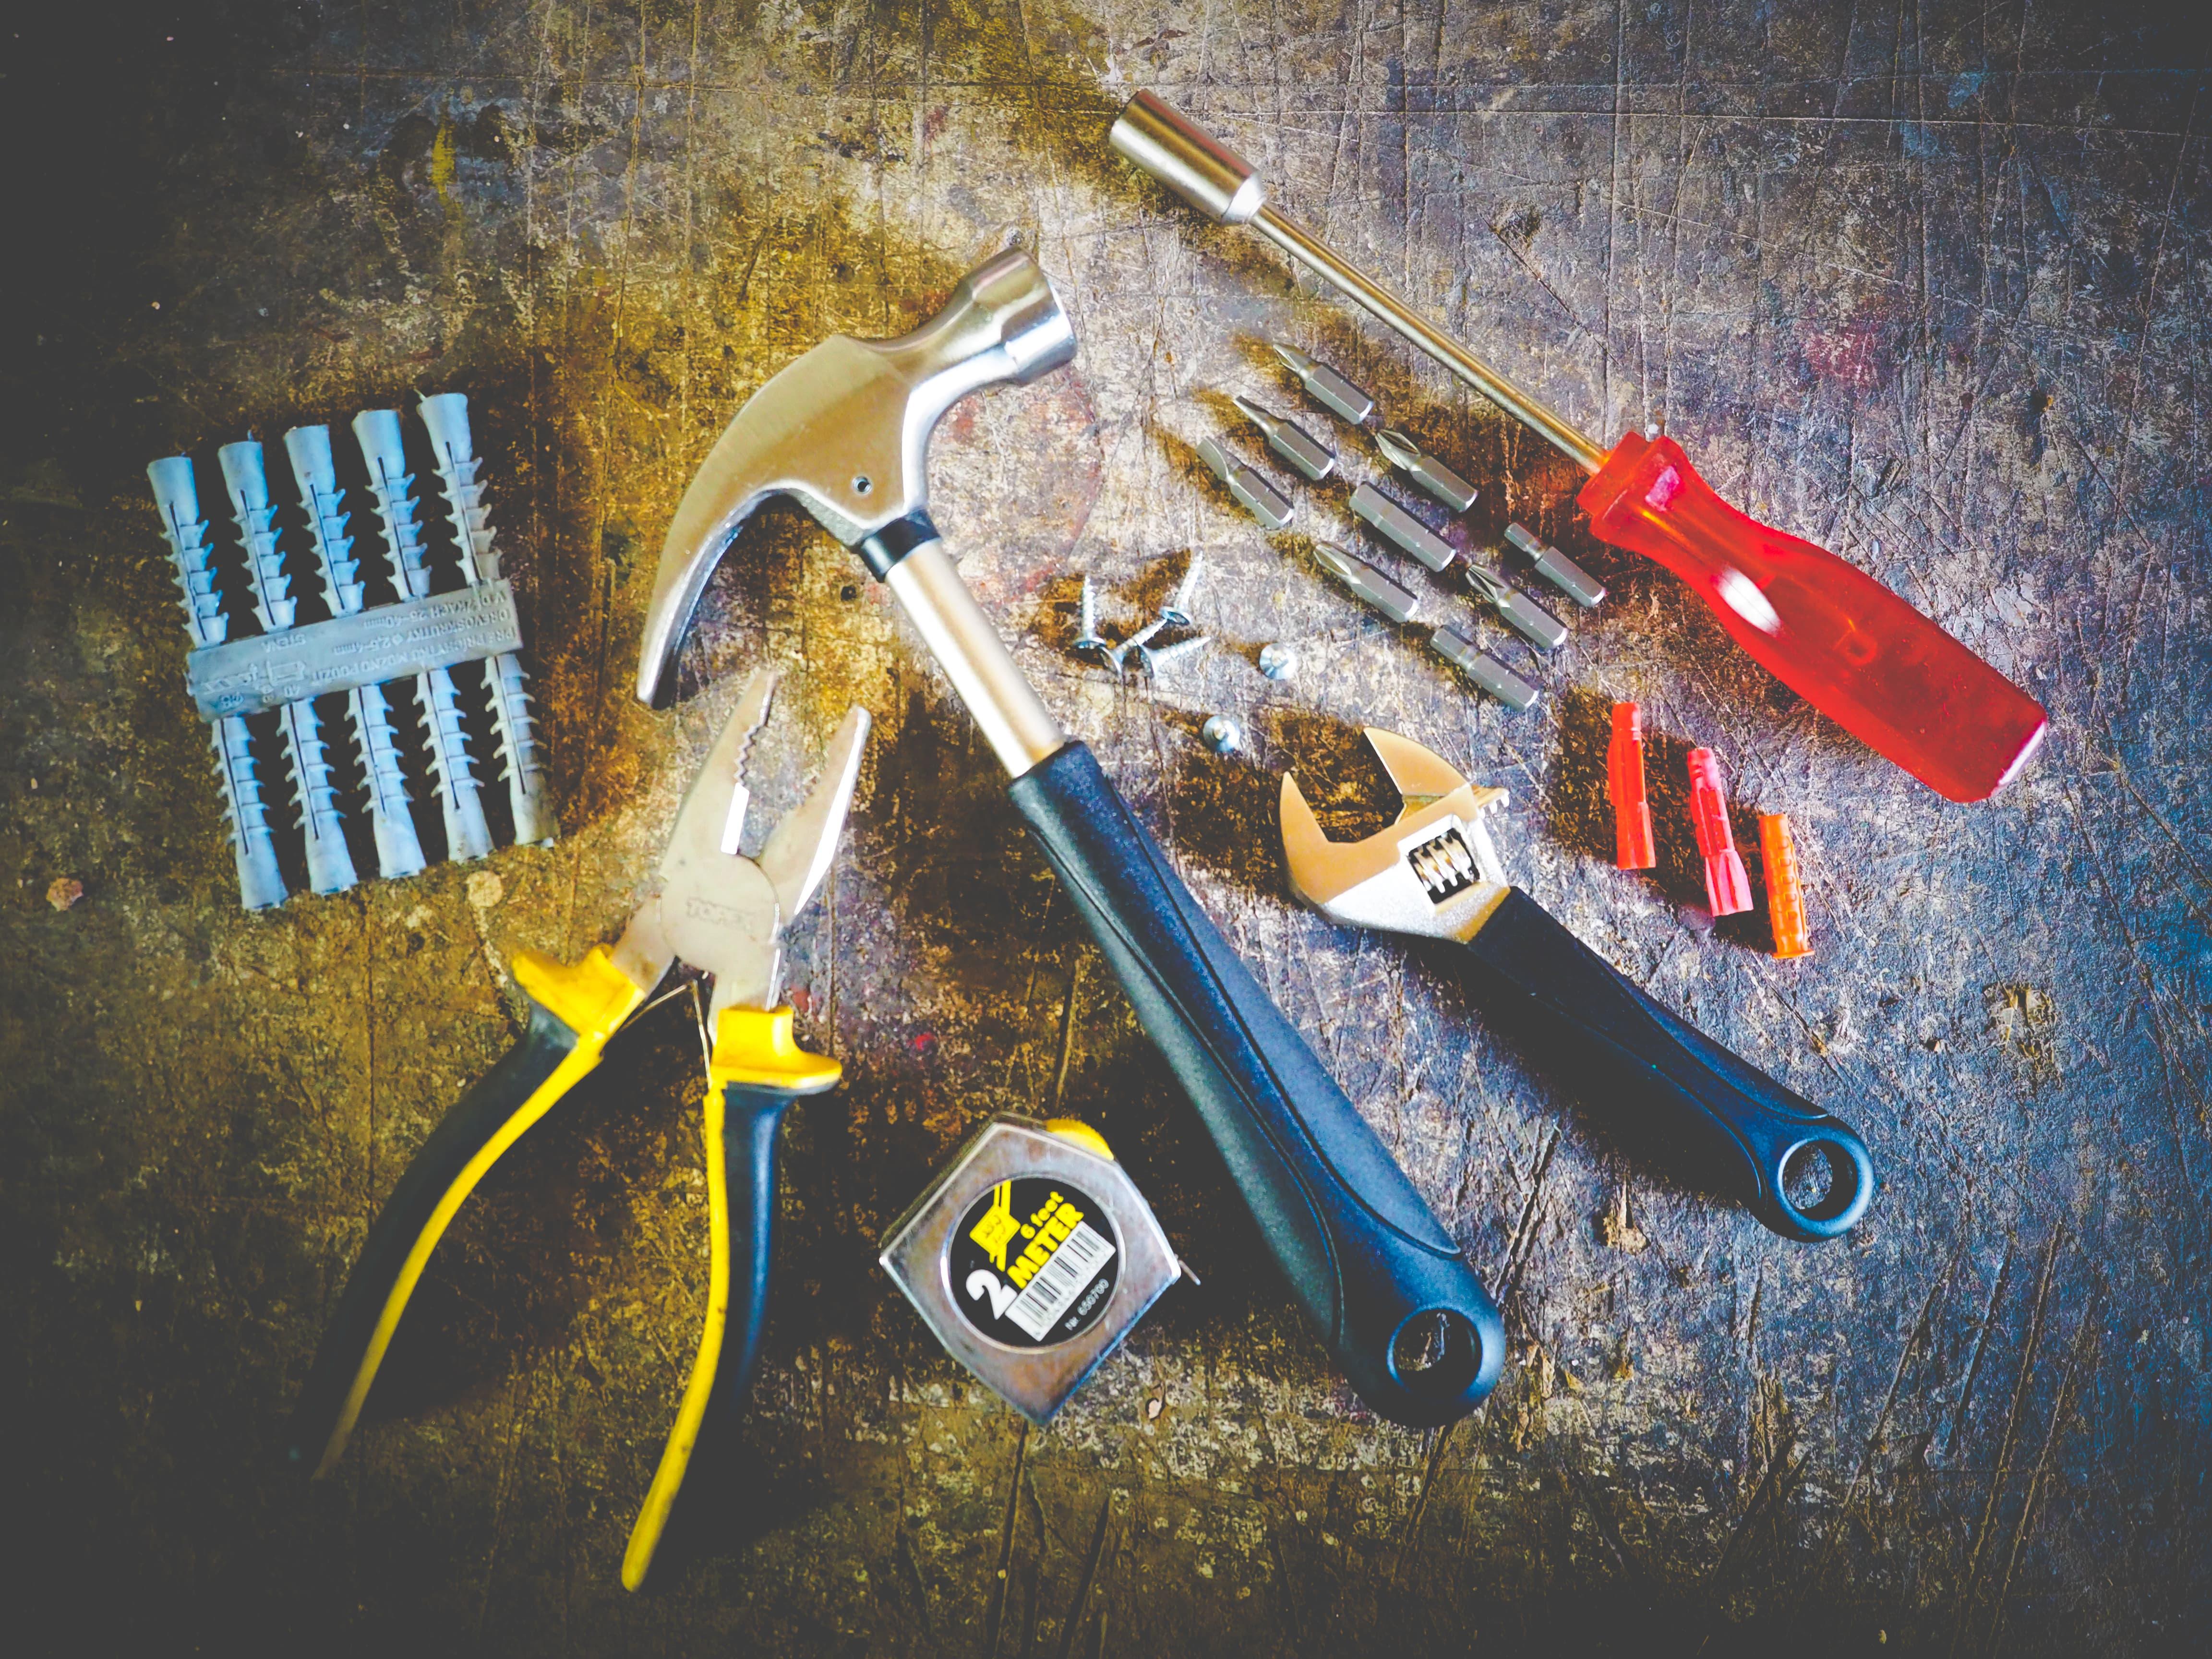 50 כלי פיתוח מעולים שחייבים להכיר! חלק א'